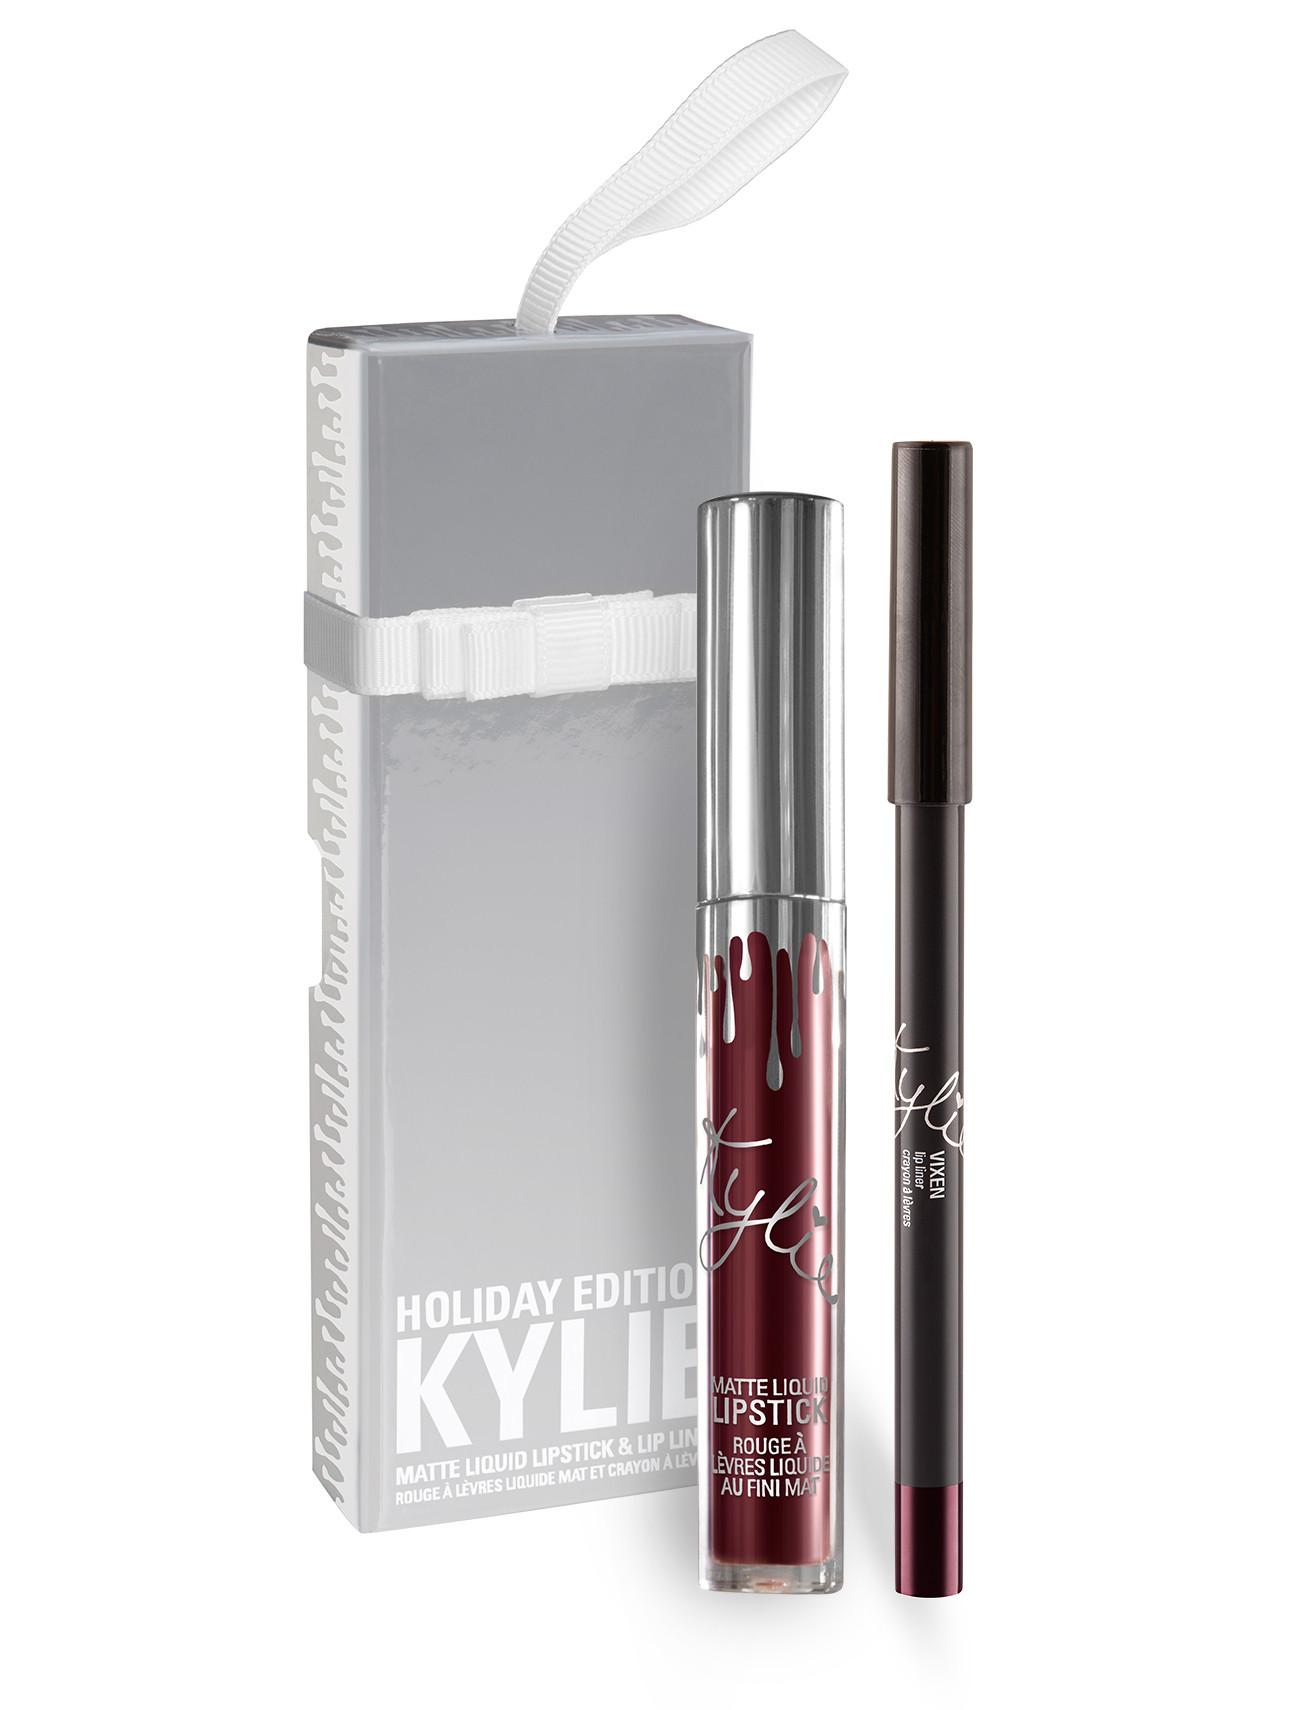 Kylie Cosmetics Matte Liquid Lipsticks Review: Kylie Cosmetics Vixen Lipkit Alternatives